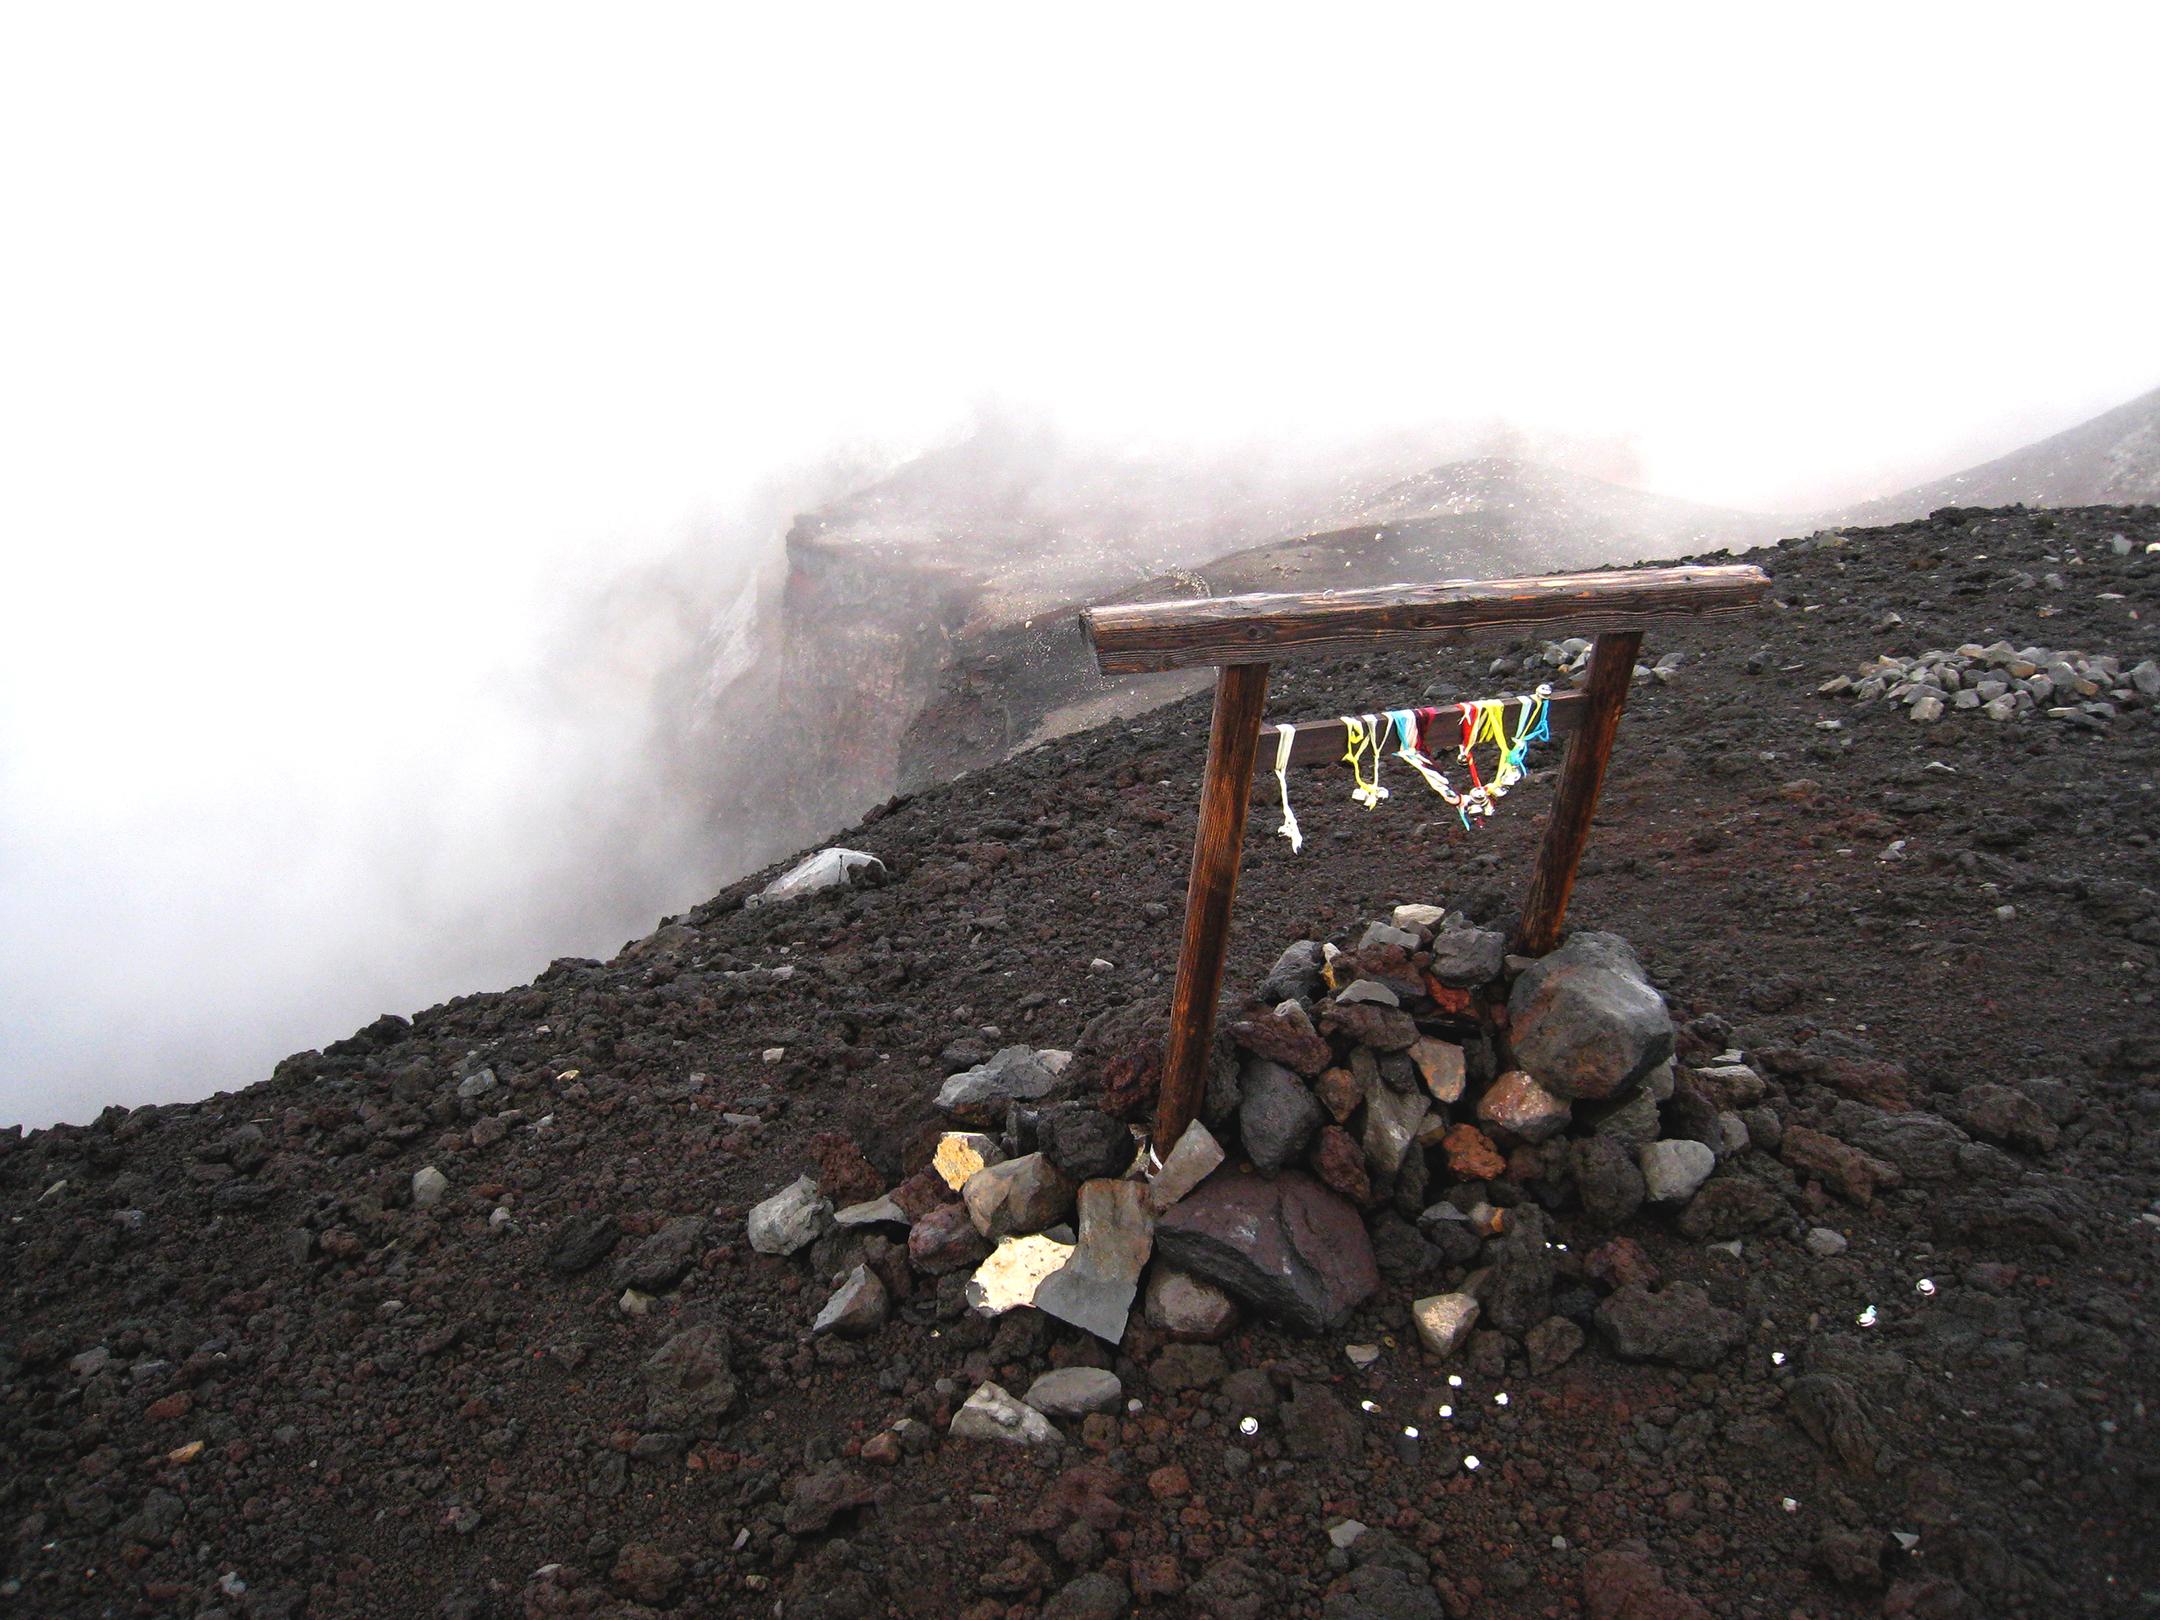 Mt Fuji / Japan